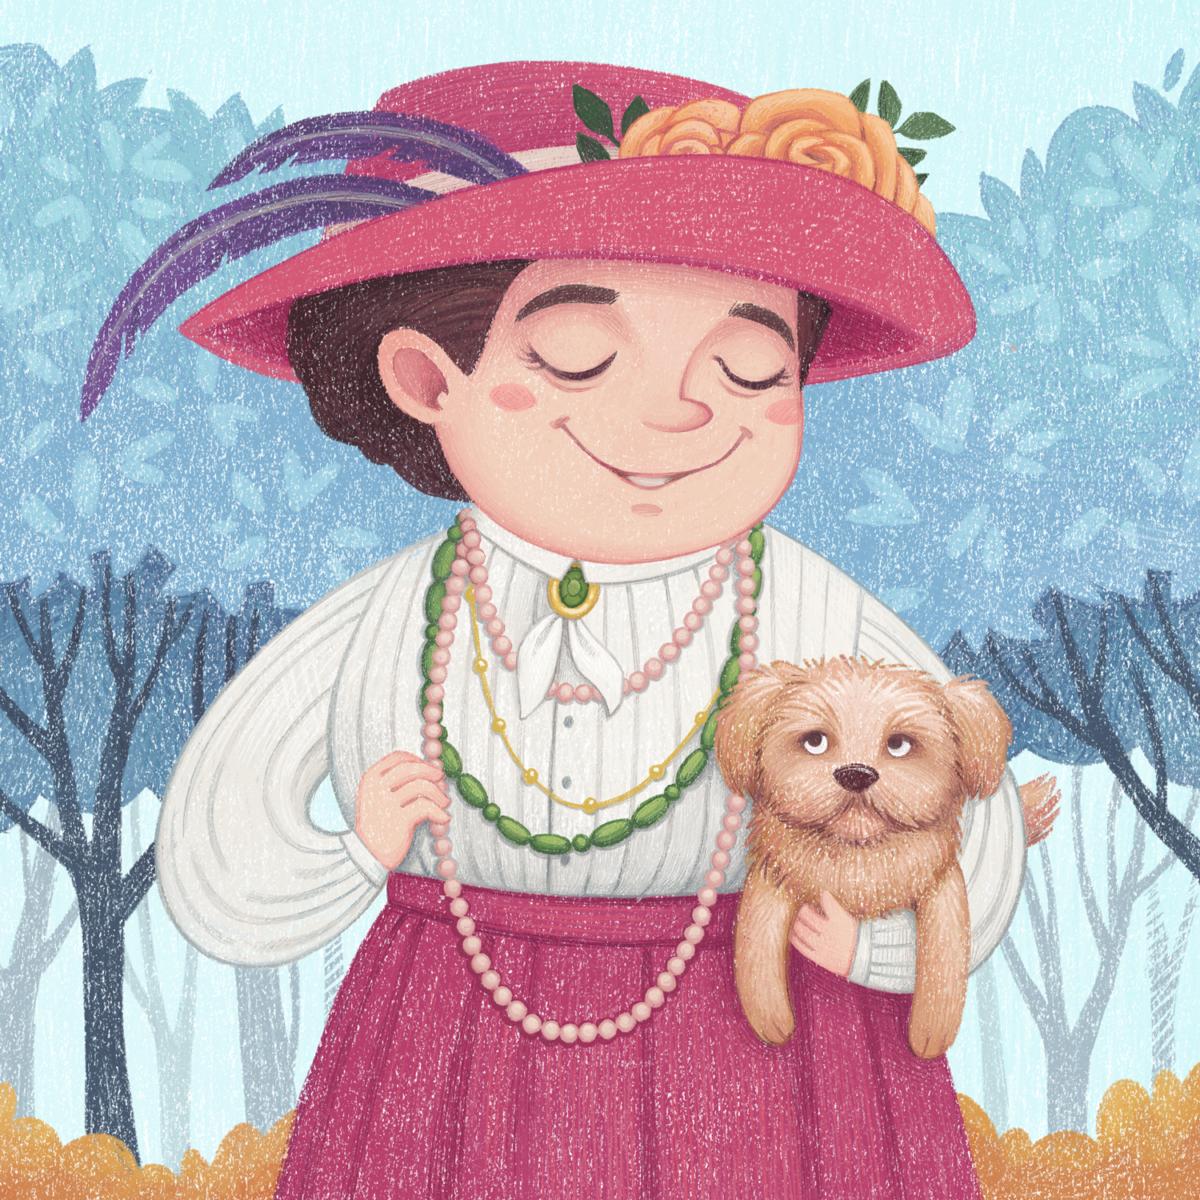 Mary Poppins - Miss Lark's Andrew